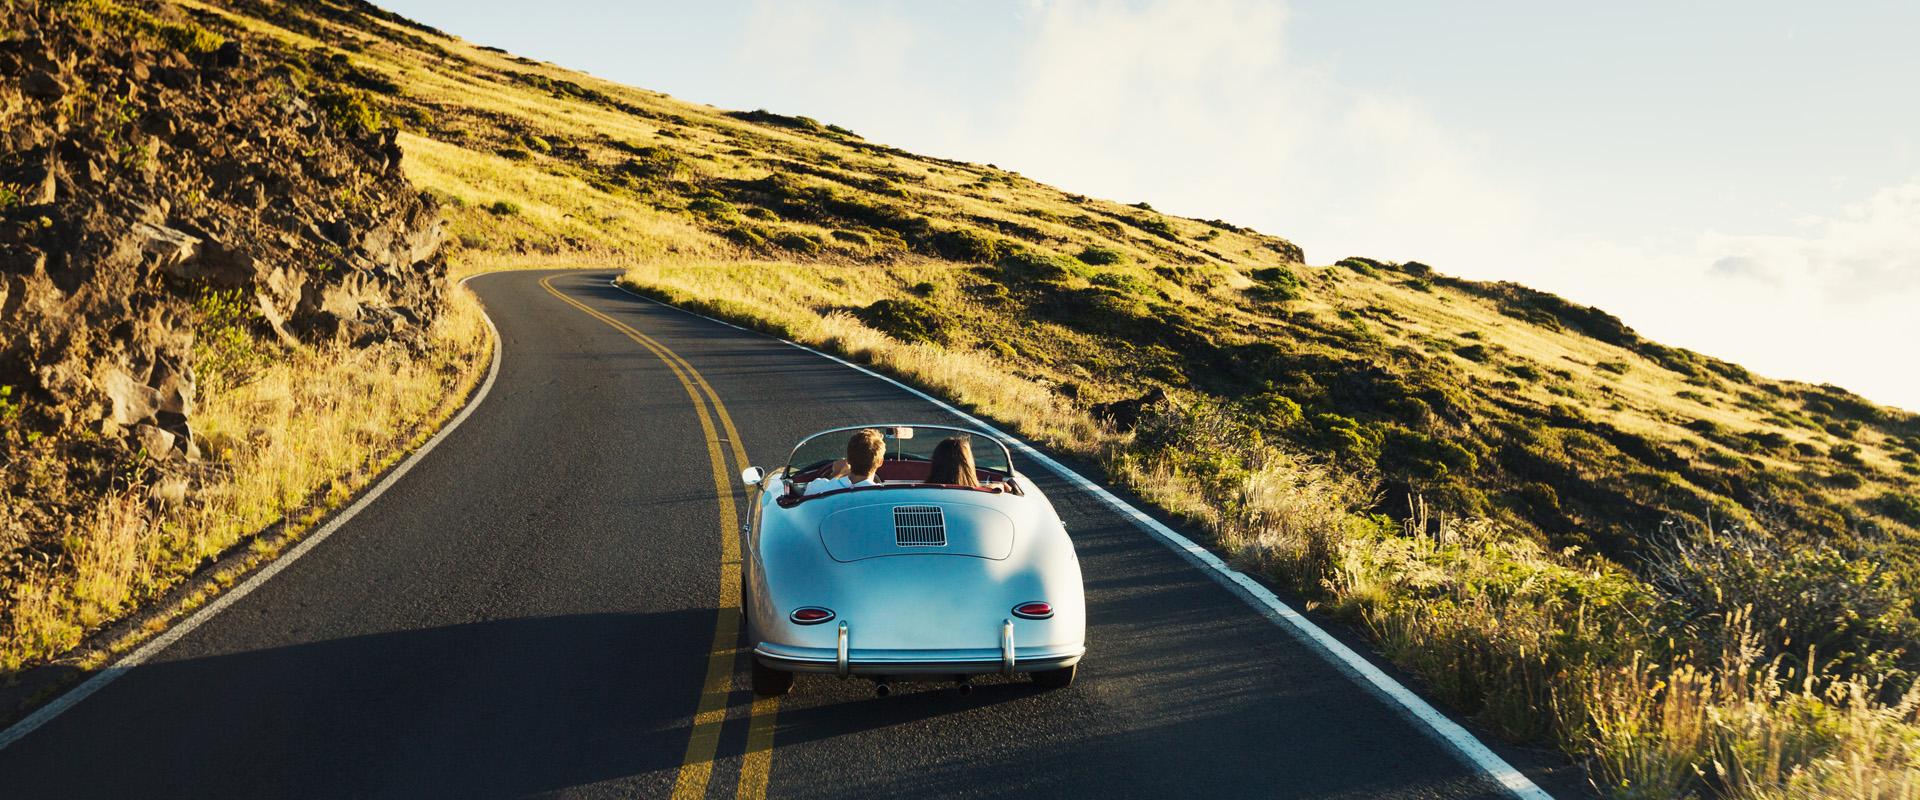 Gebrauchtwagen, Jahreswagen oder Leasingrückläufer